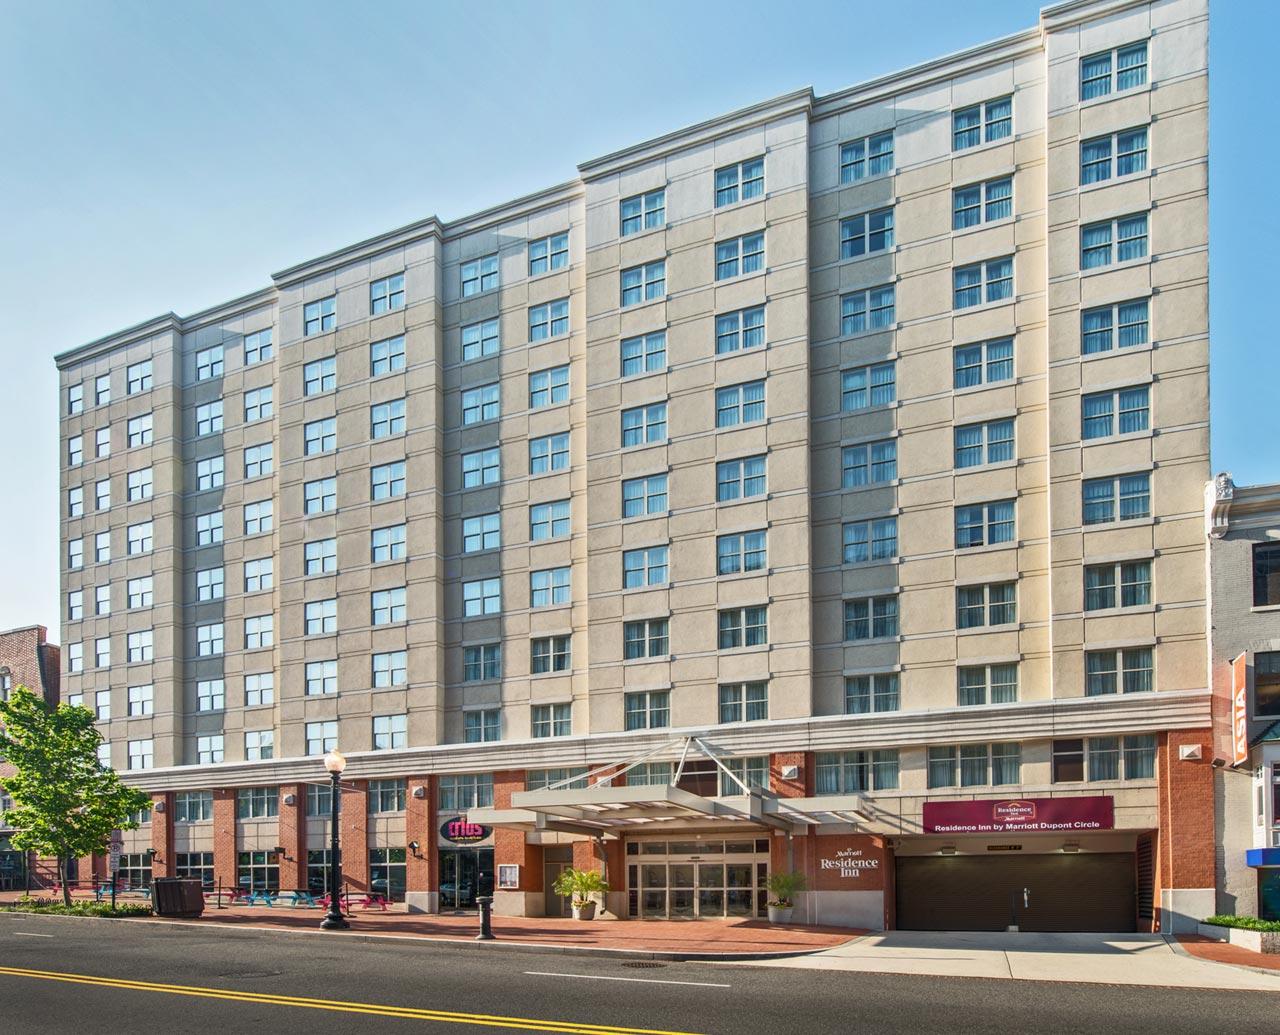 Residence Inn Dupont Circle